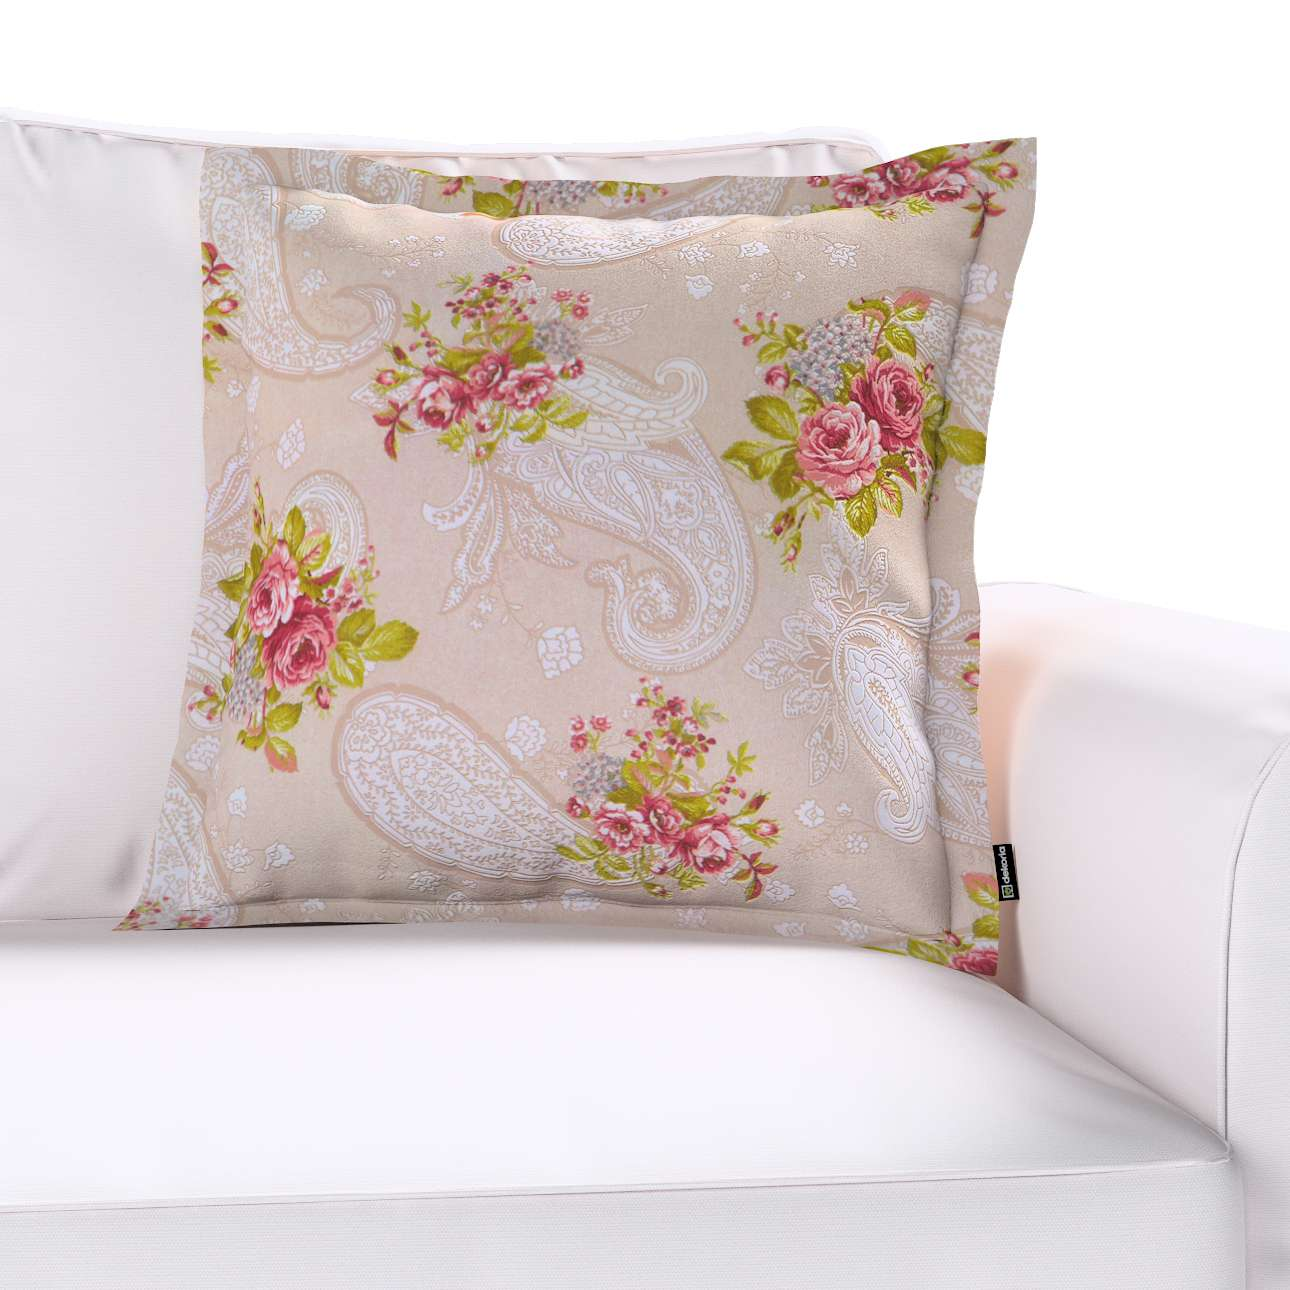 Poszewka Mona na poduszkę w kolekcji Flowers, tkanina: 311-15